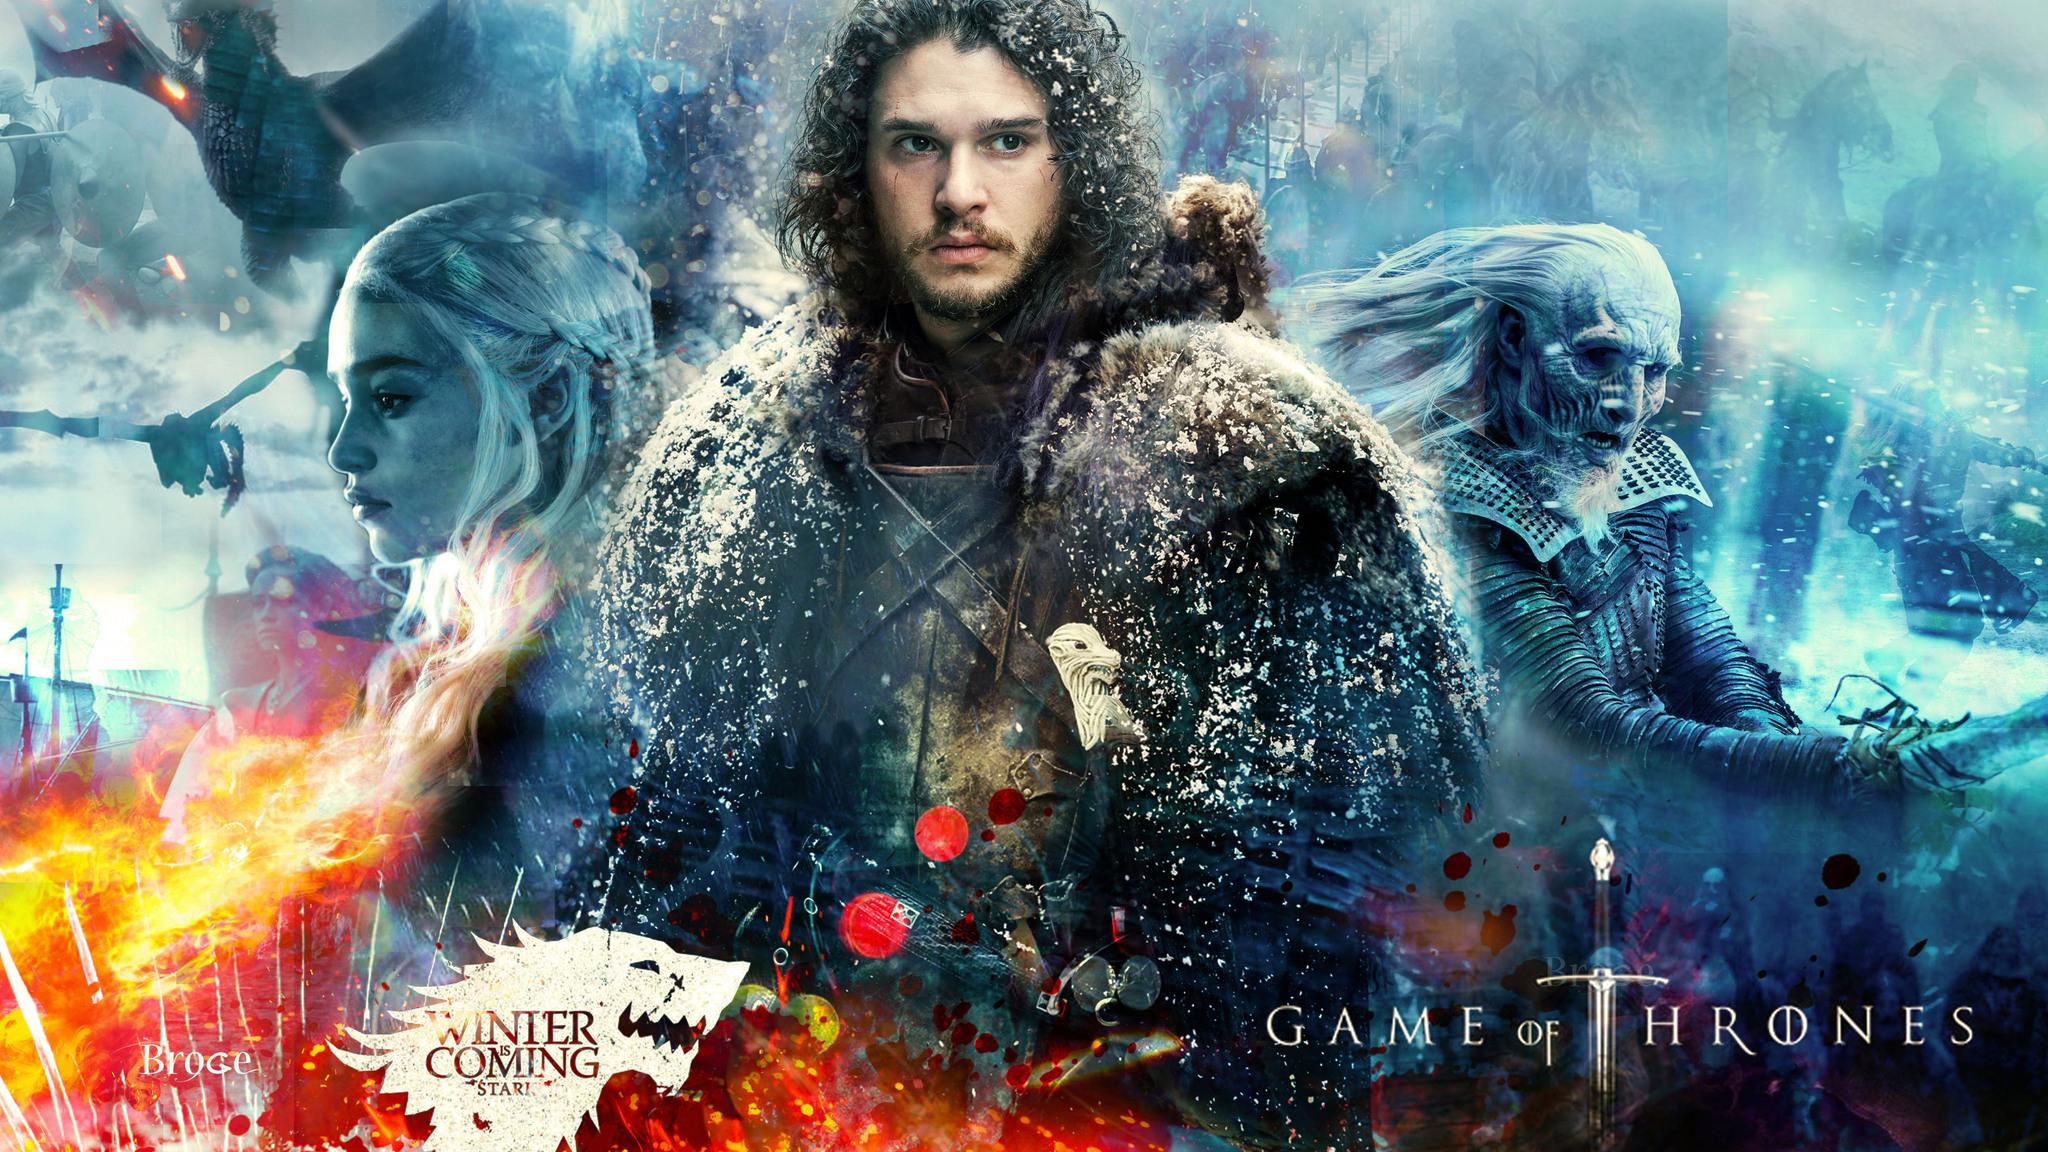 Game of Thrones Season 7 Episodes 7